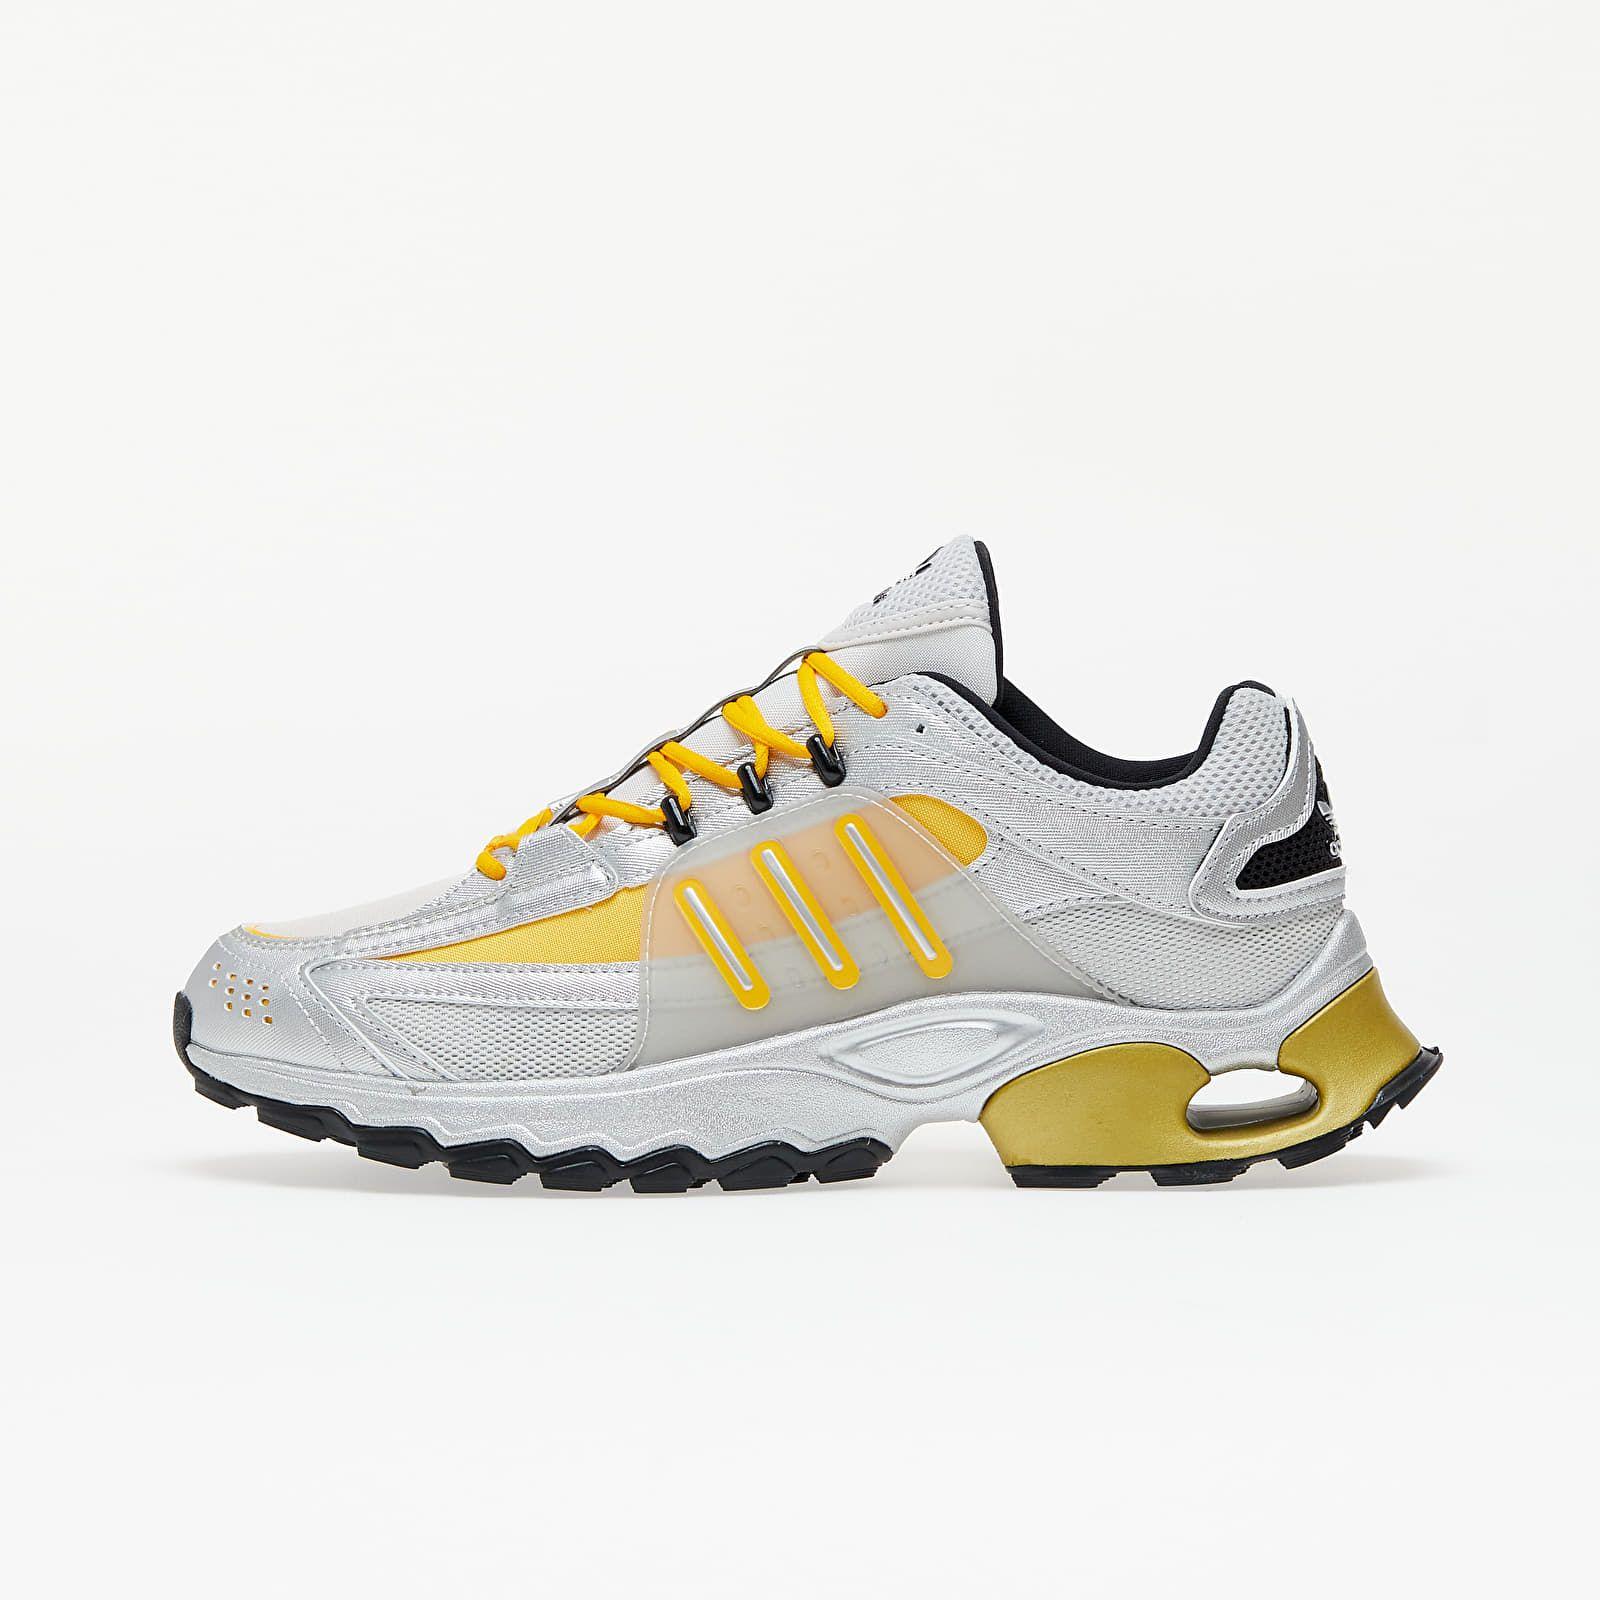 10 teniskových noviniek z dielní adidas, Nike či Vans, po ktorých sa oplatí siahnuť